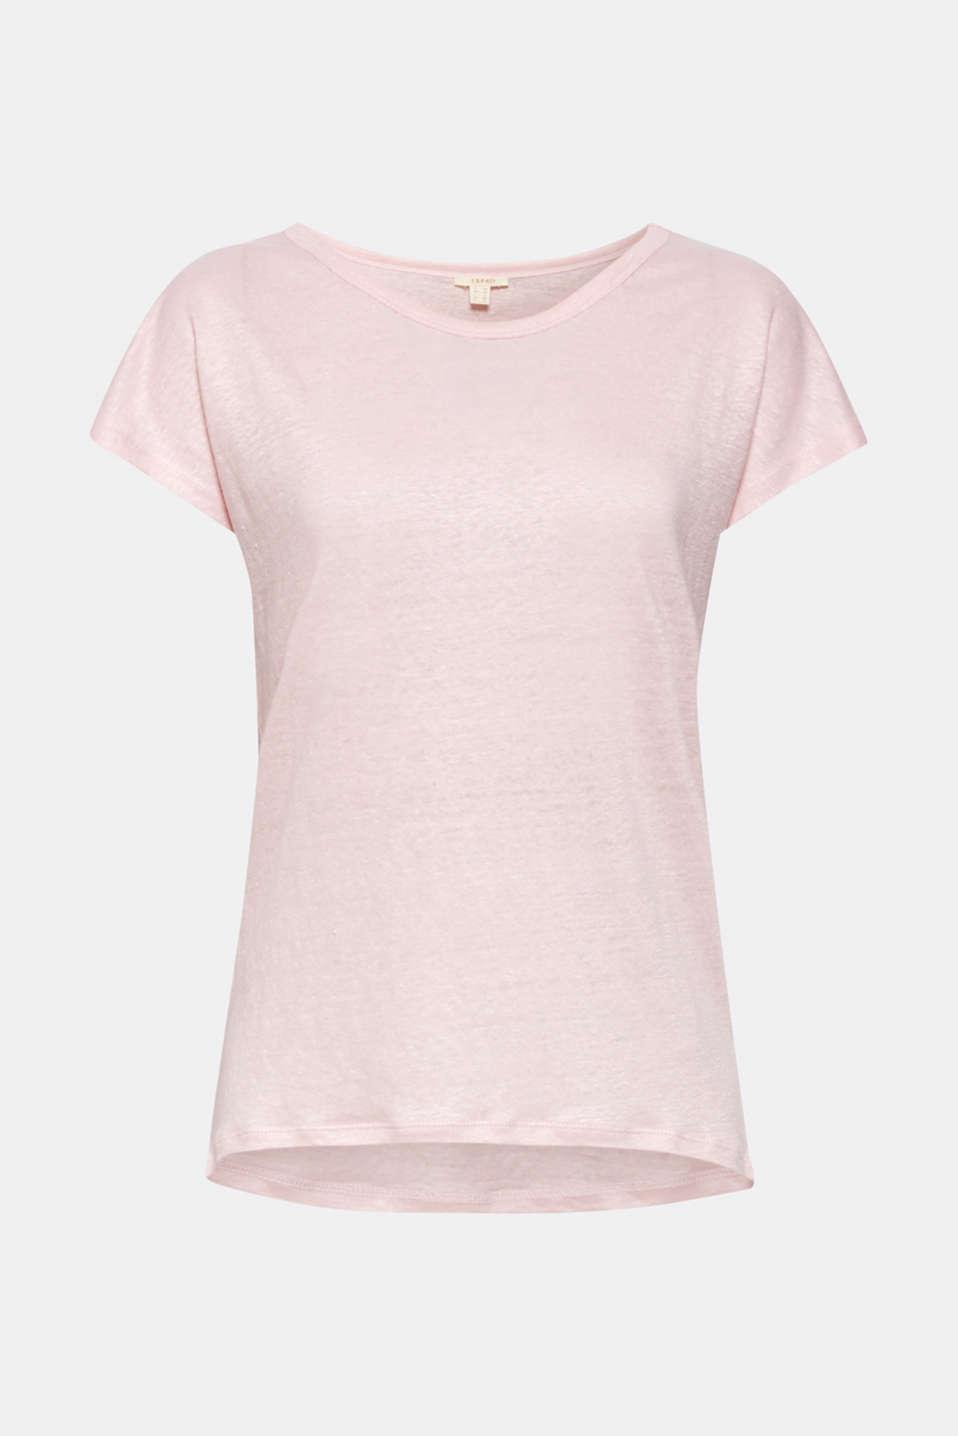 Melange top in 100% linen, PASTEL PINK 4, detail image number 5